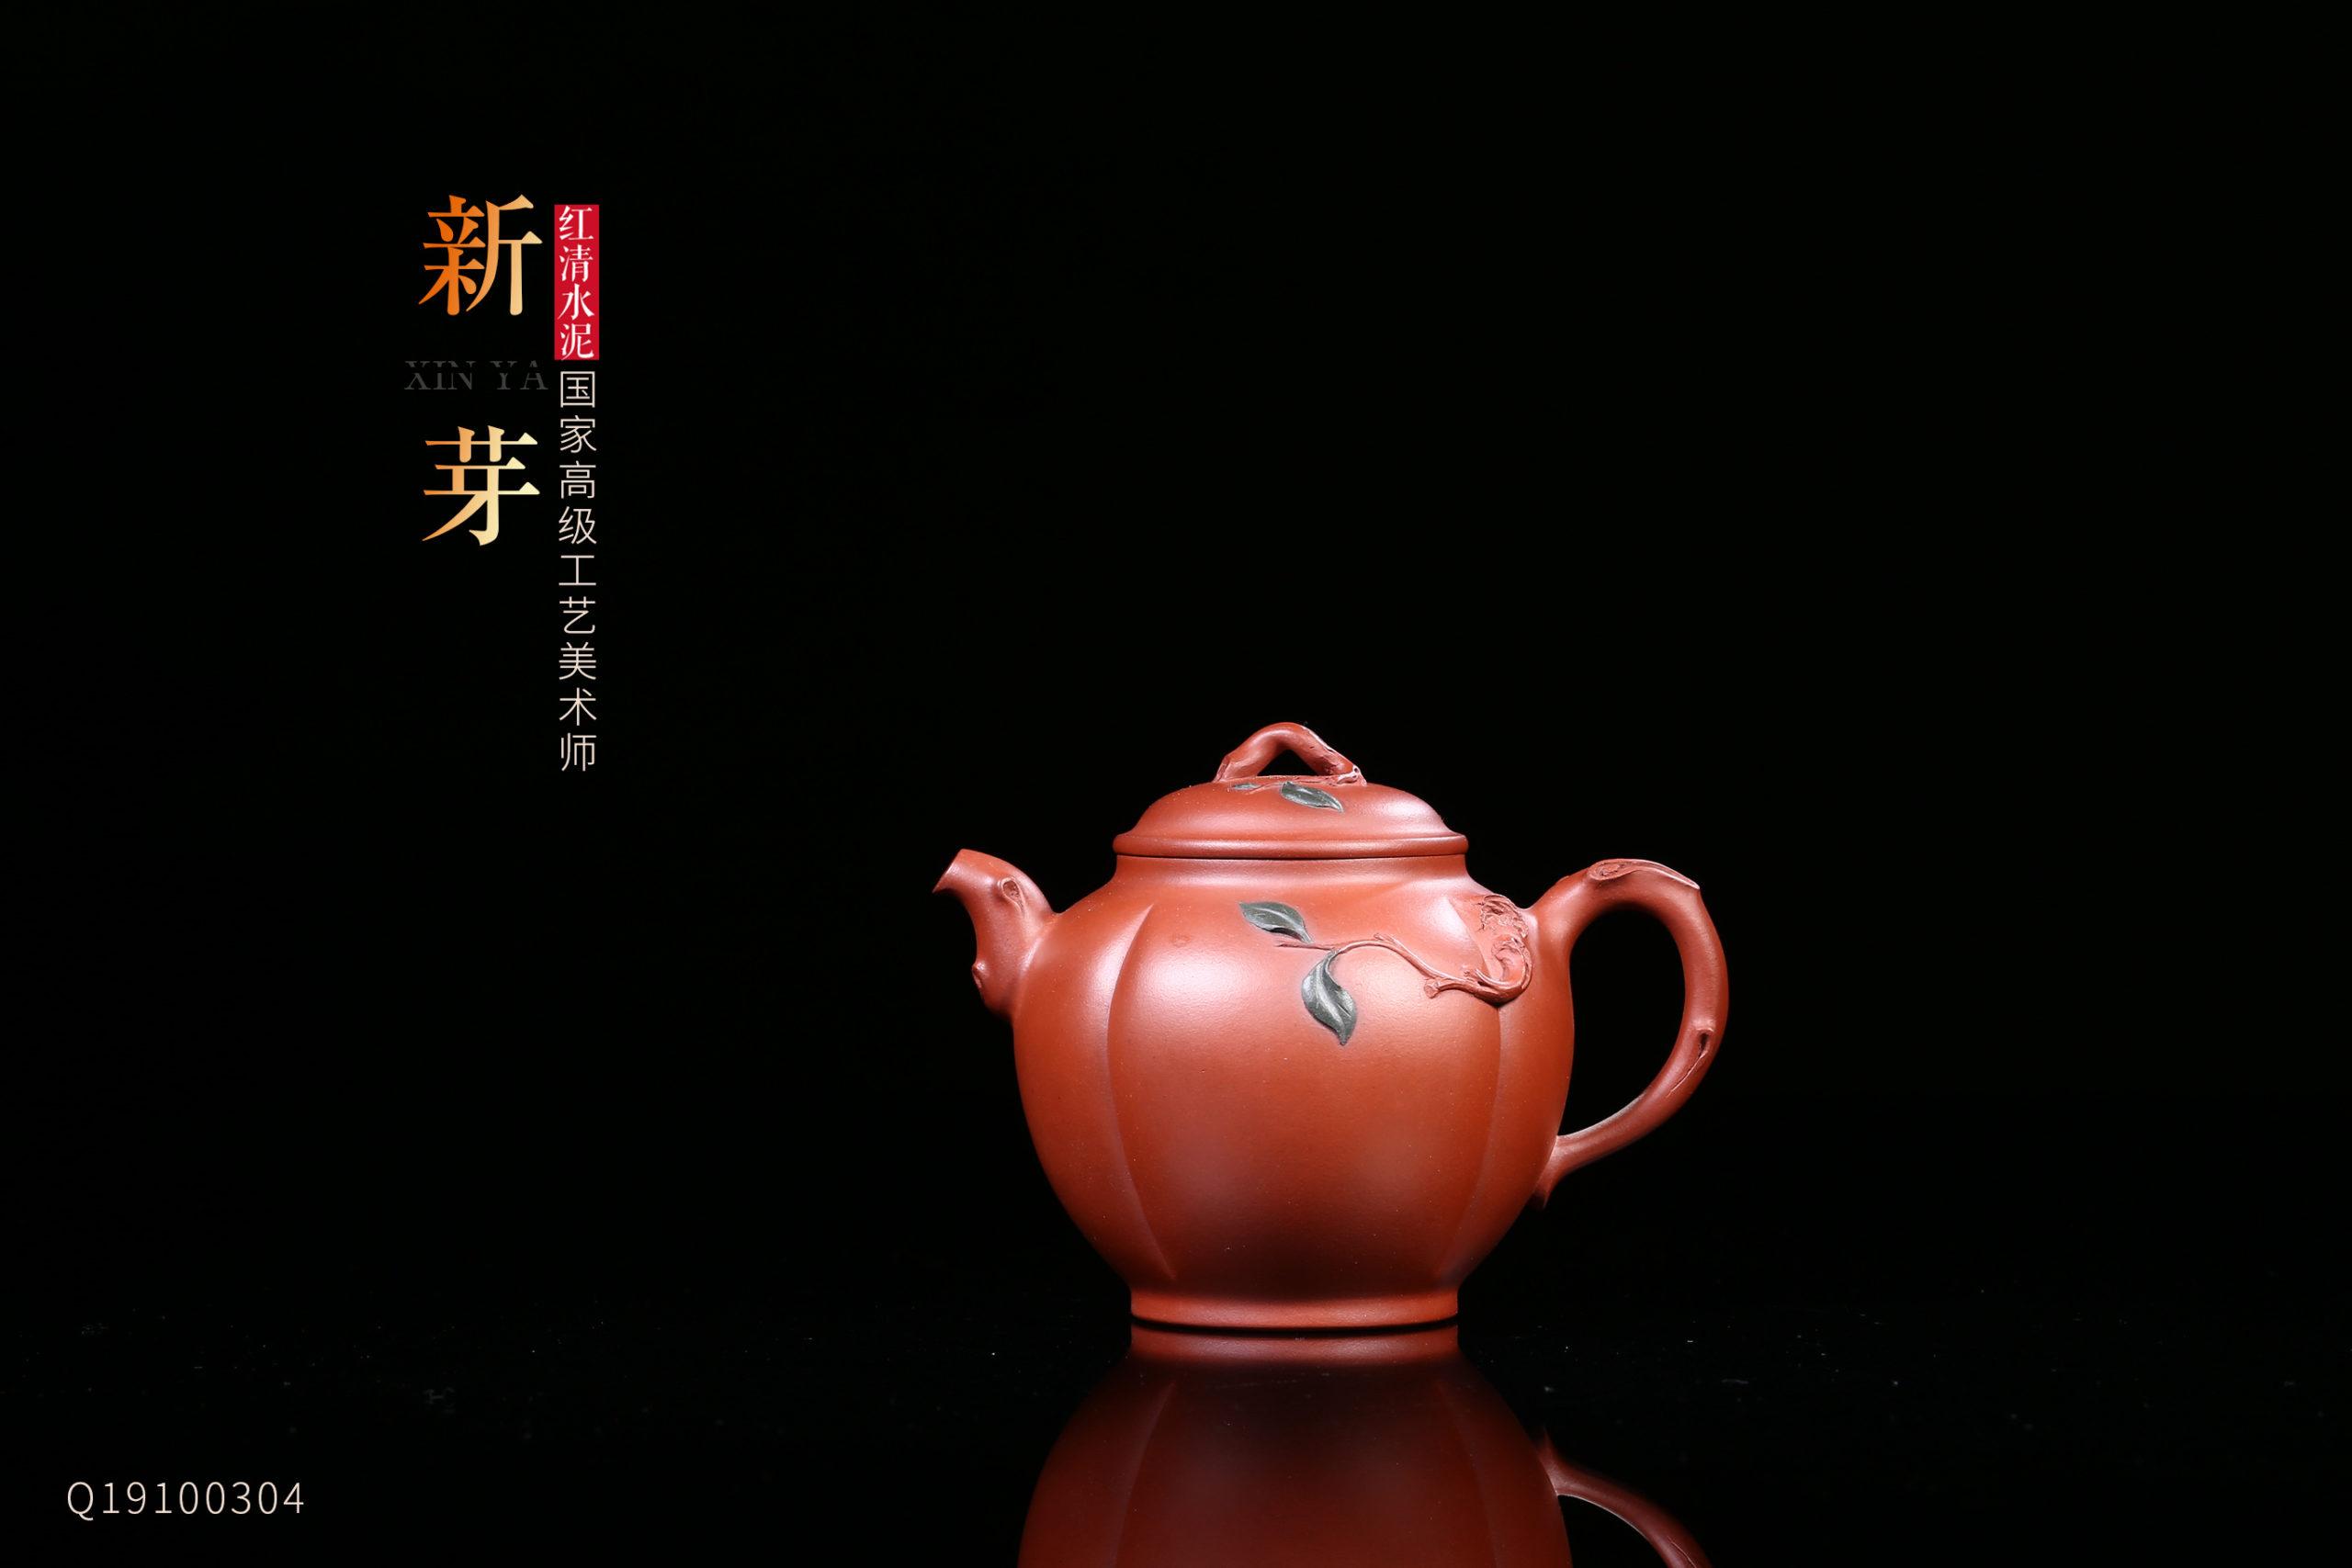 判断紫砂壶制作工艺的好坏可以从壶盖入手